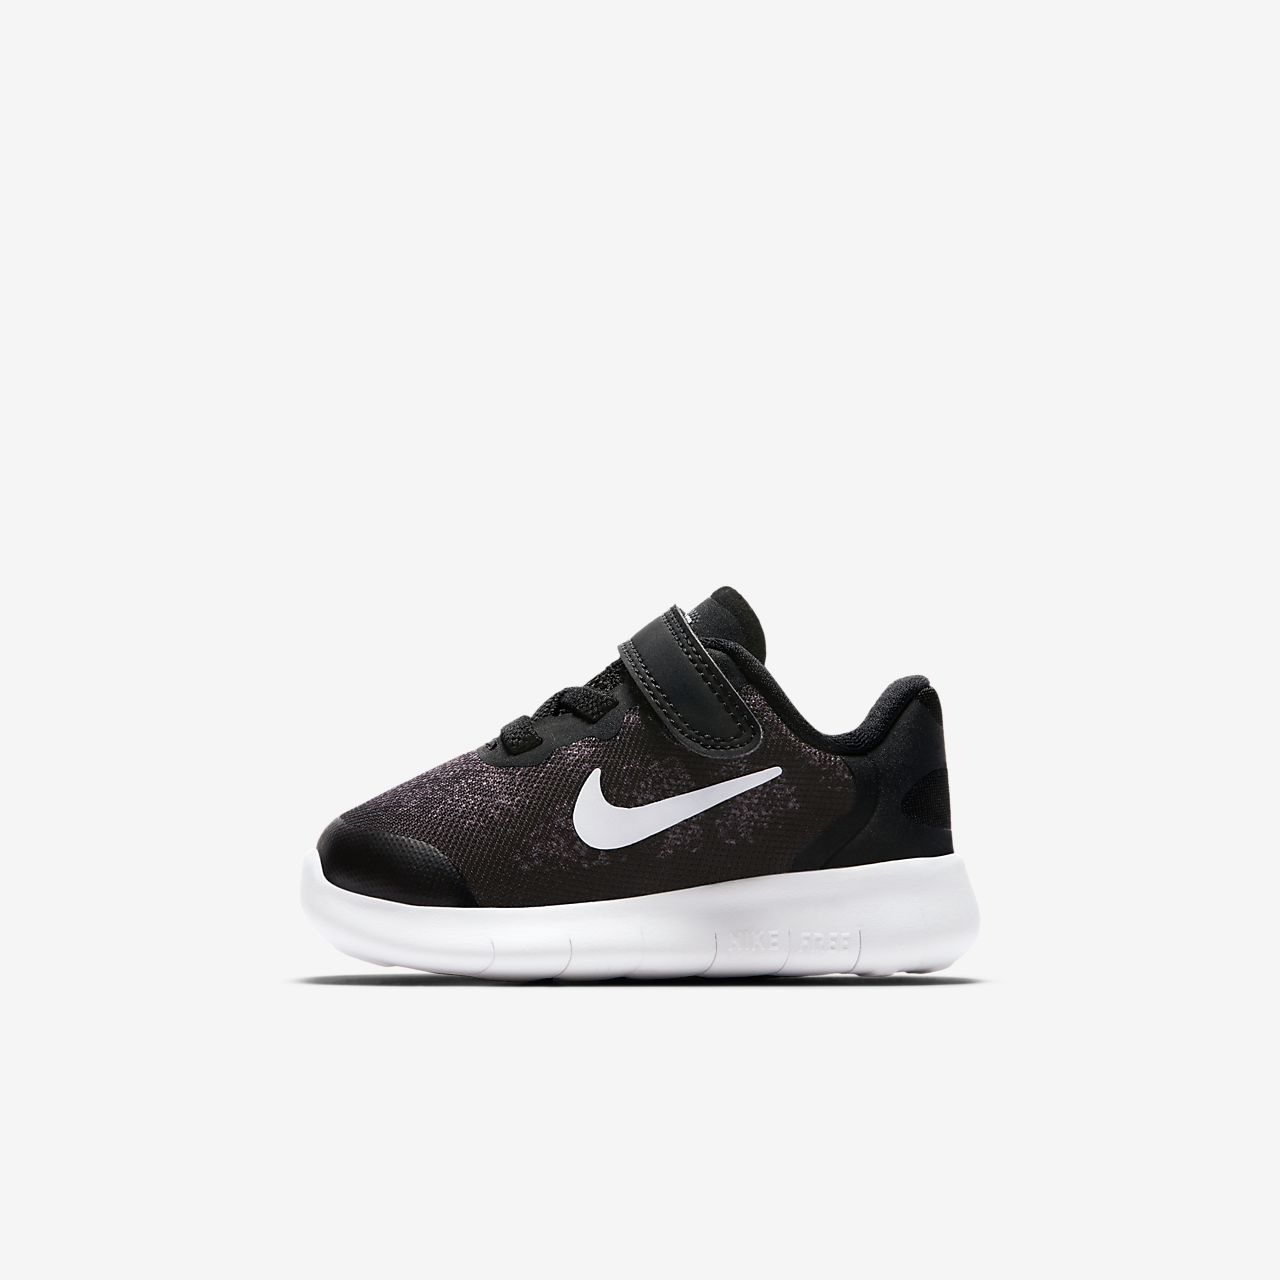 Nike Chaussures Enfant Gratuit Tnz